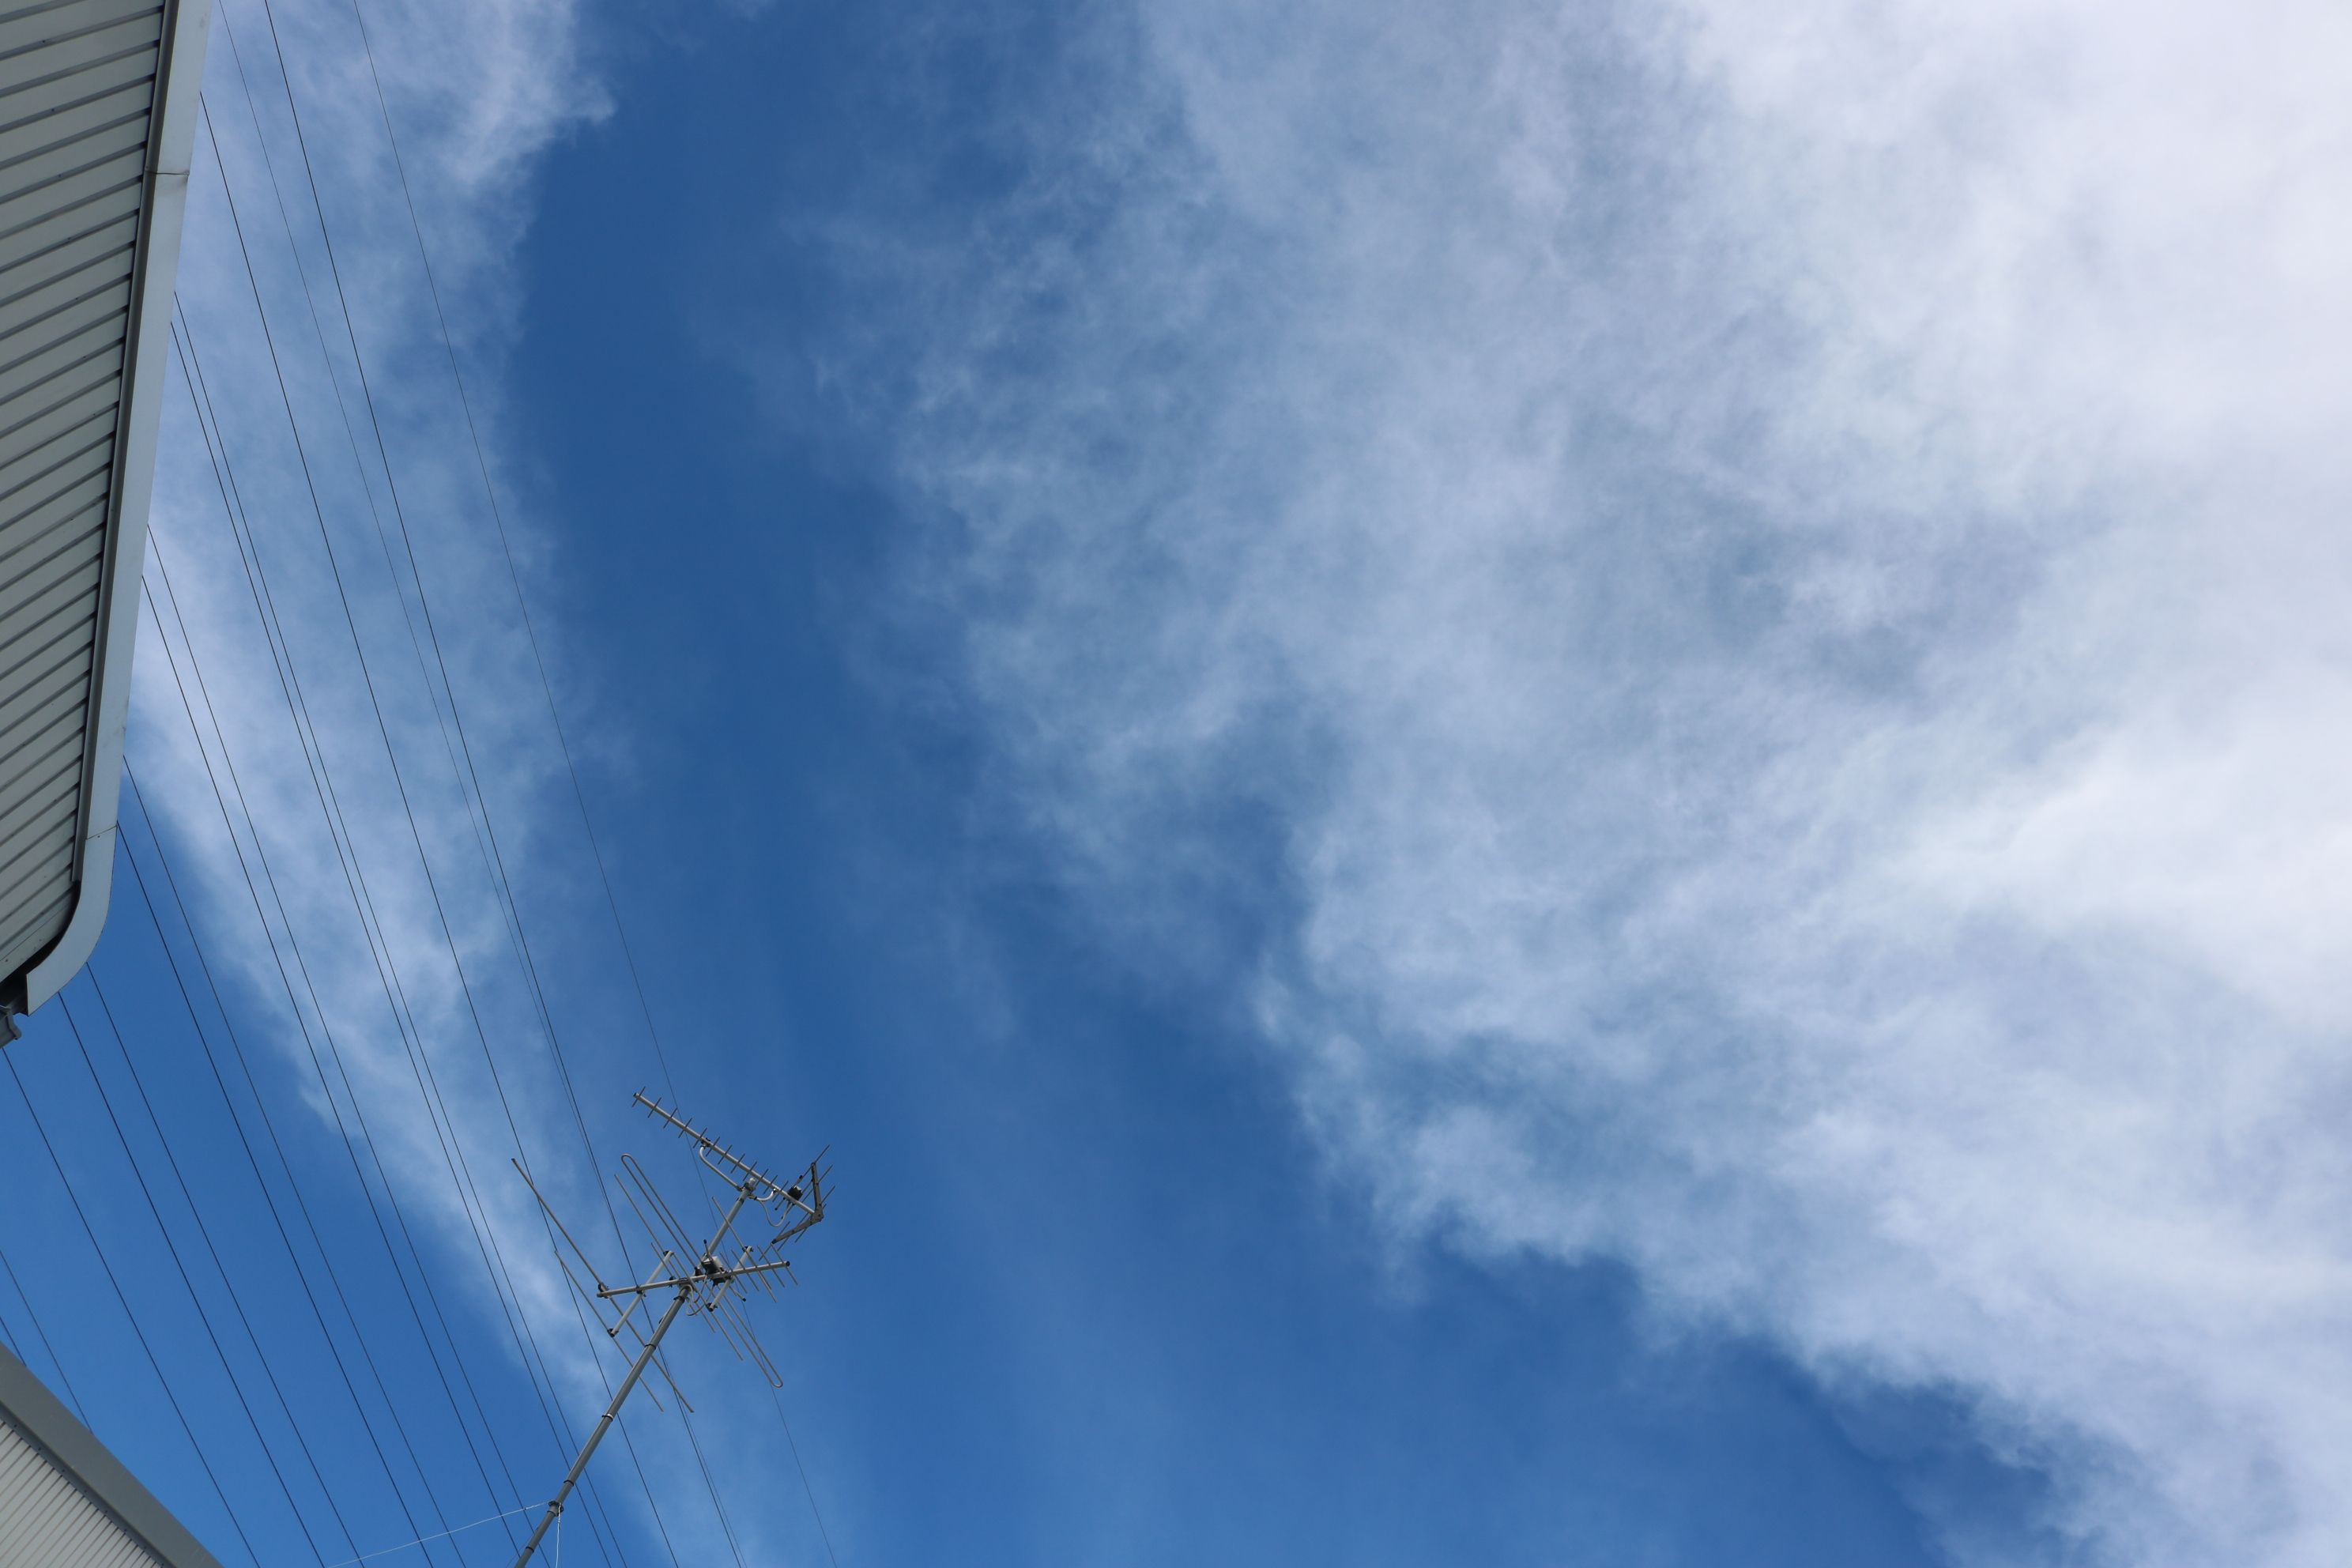 ★GarageSuccess 摂津本店★カスタムカー専門店!8月17日